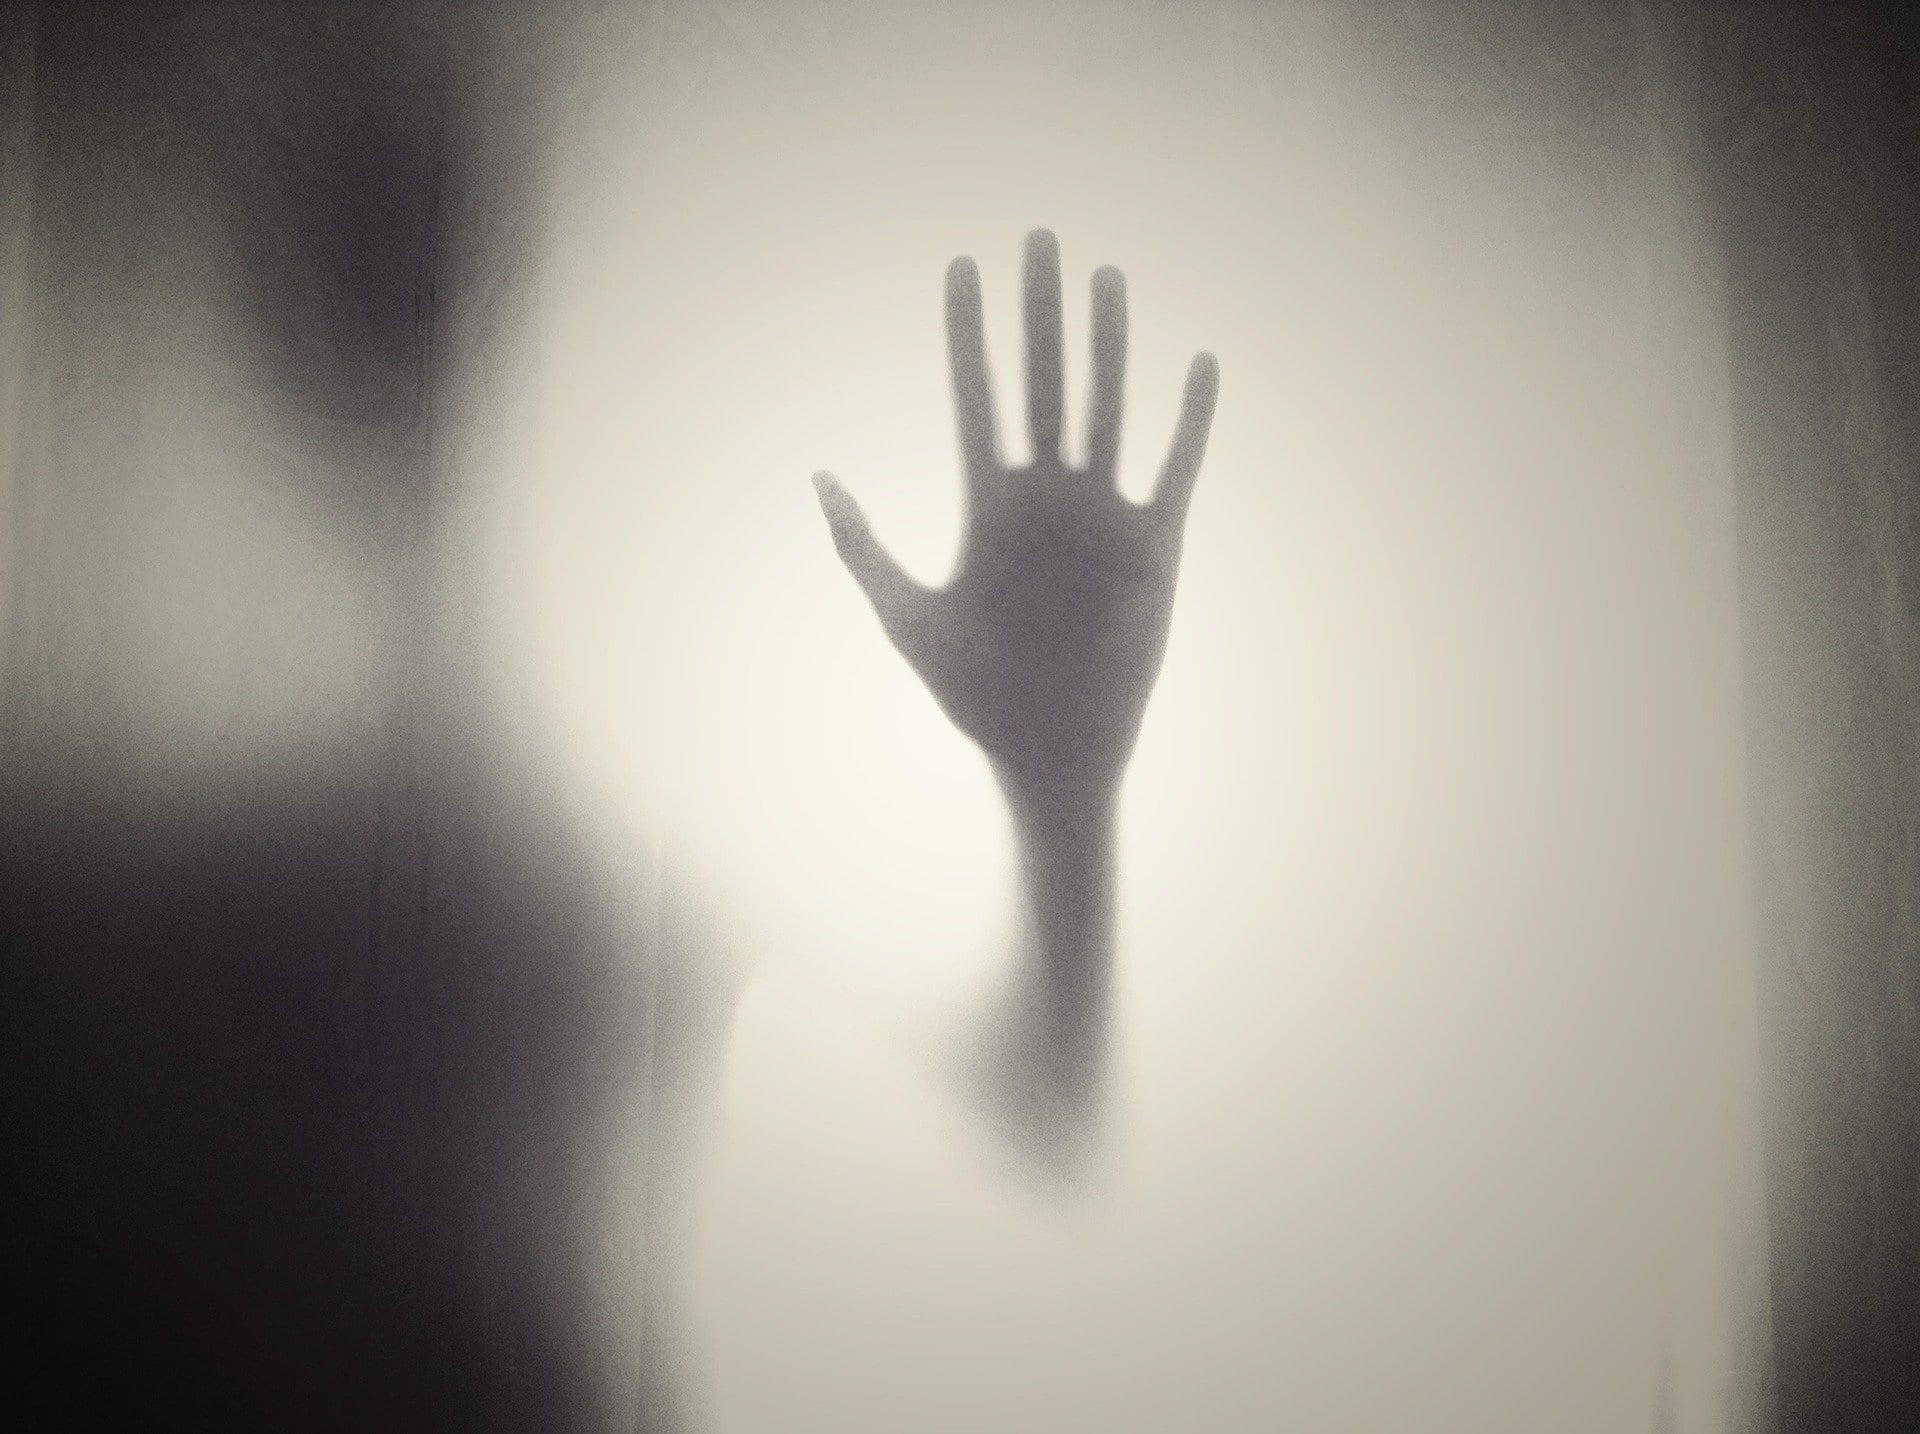 ombra mano inquietante